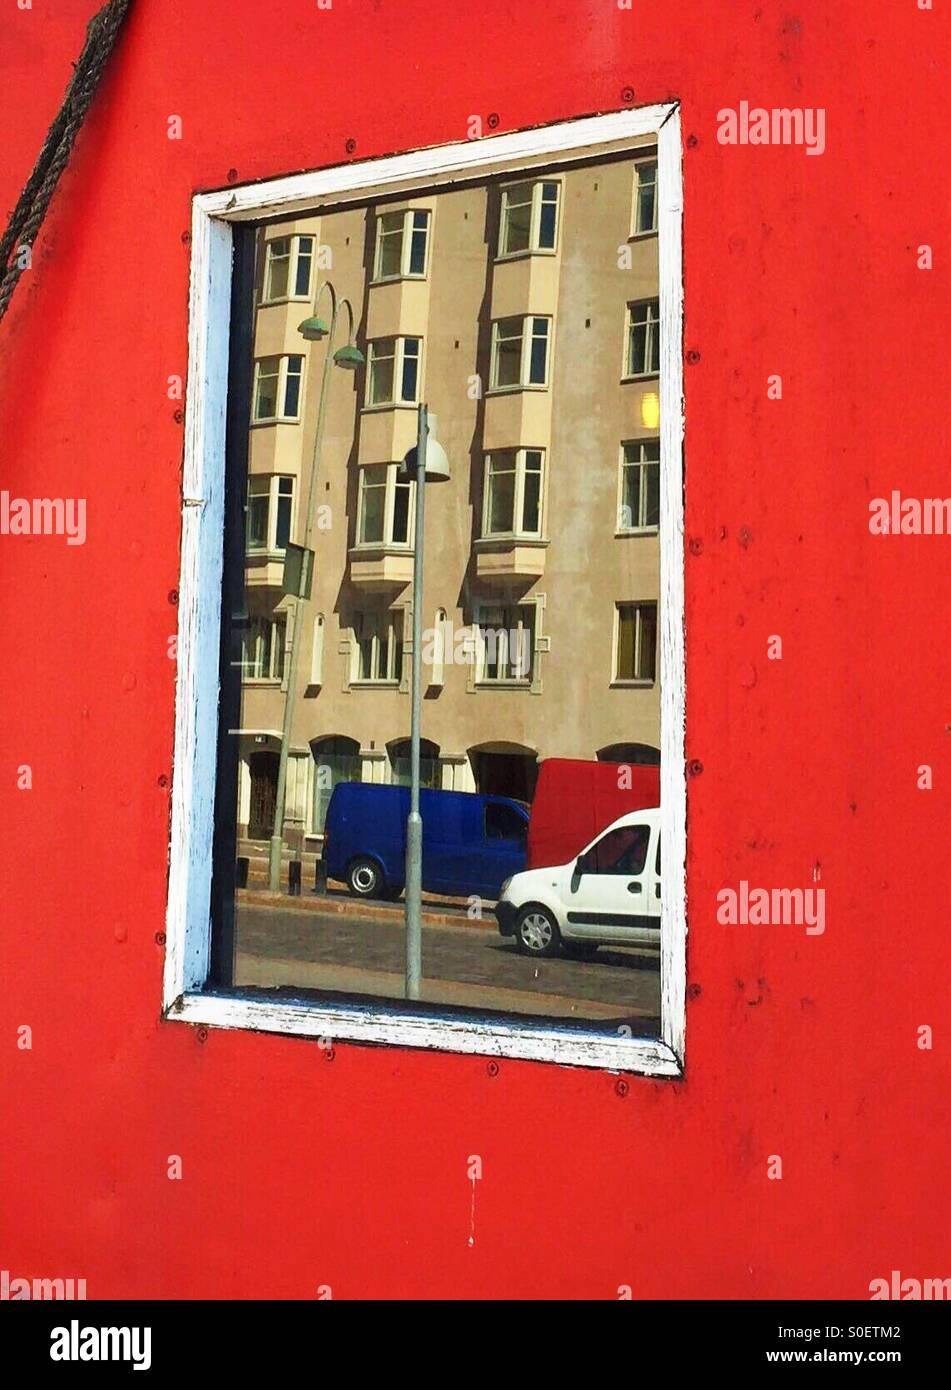 Reflejo de una casa en un barco de ventana en Helsinki Imagen De Stock